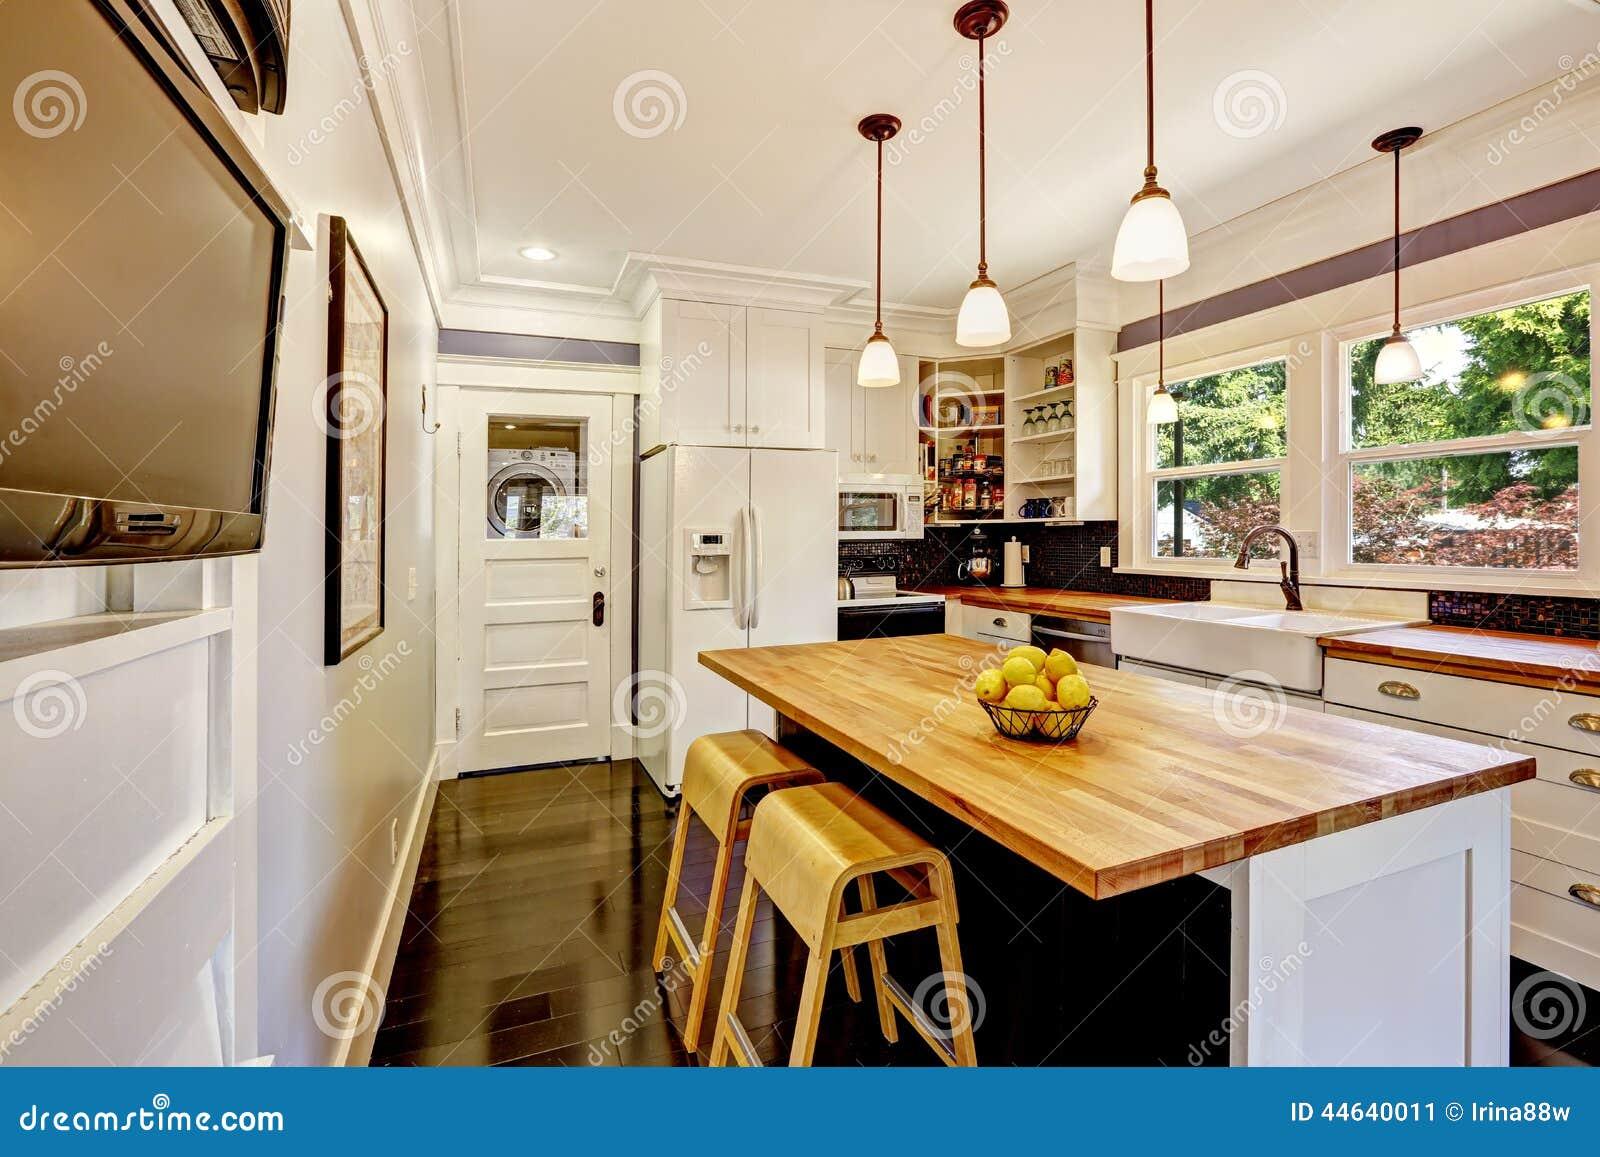 #A79424 Armário de cozinha branco com dispositivos brancos Ilha de cozinha  1300x957 px Planos De Armários De Cozinha_993 Imagens